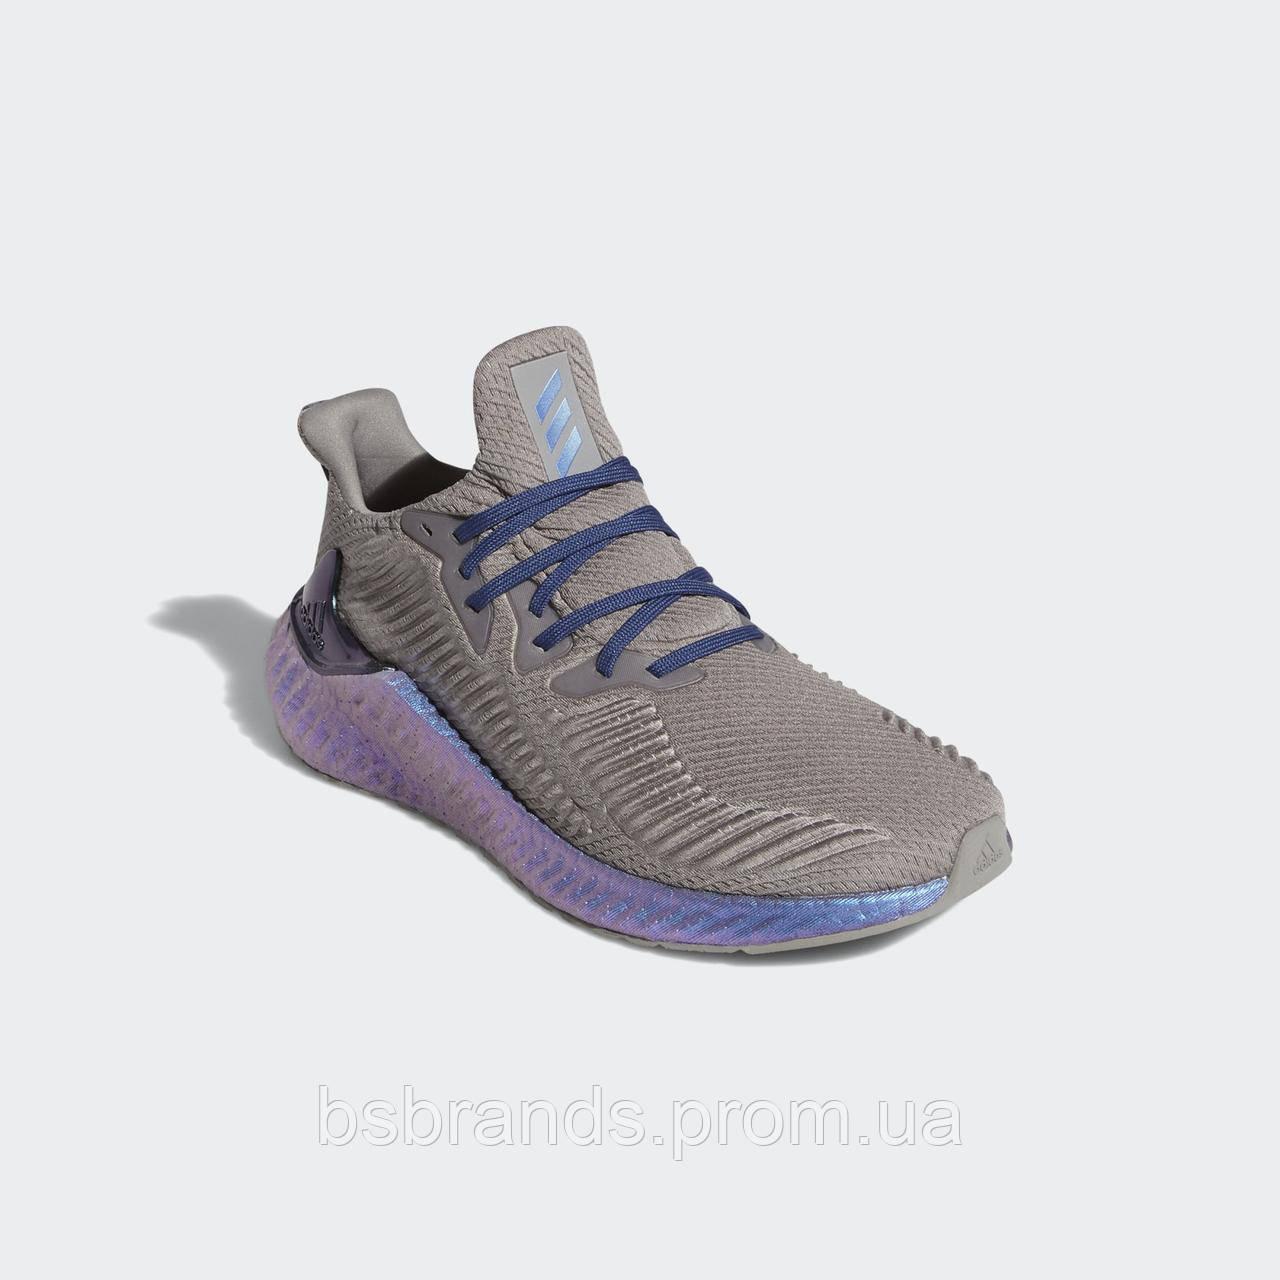 Мужские кроссовки adidas для бега Alphaboost EG1440